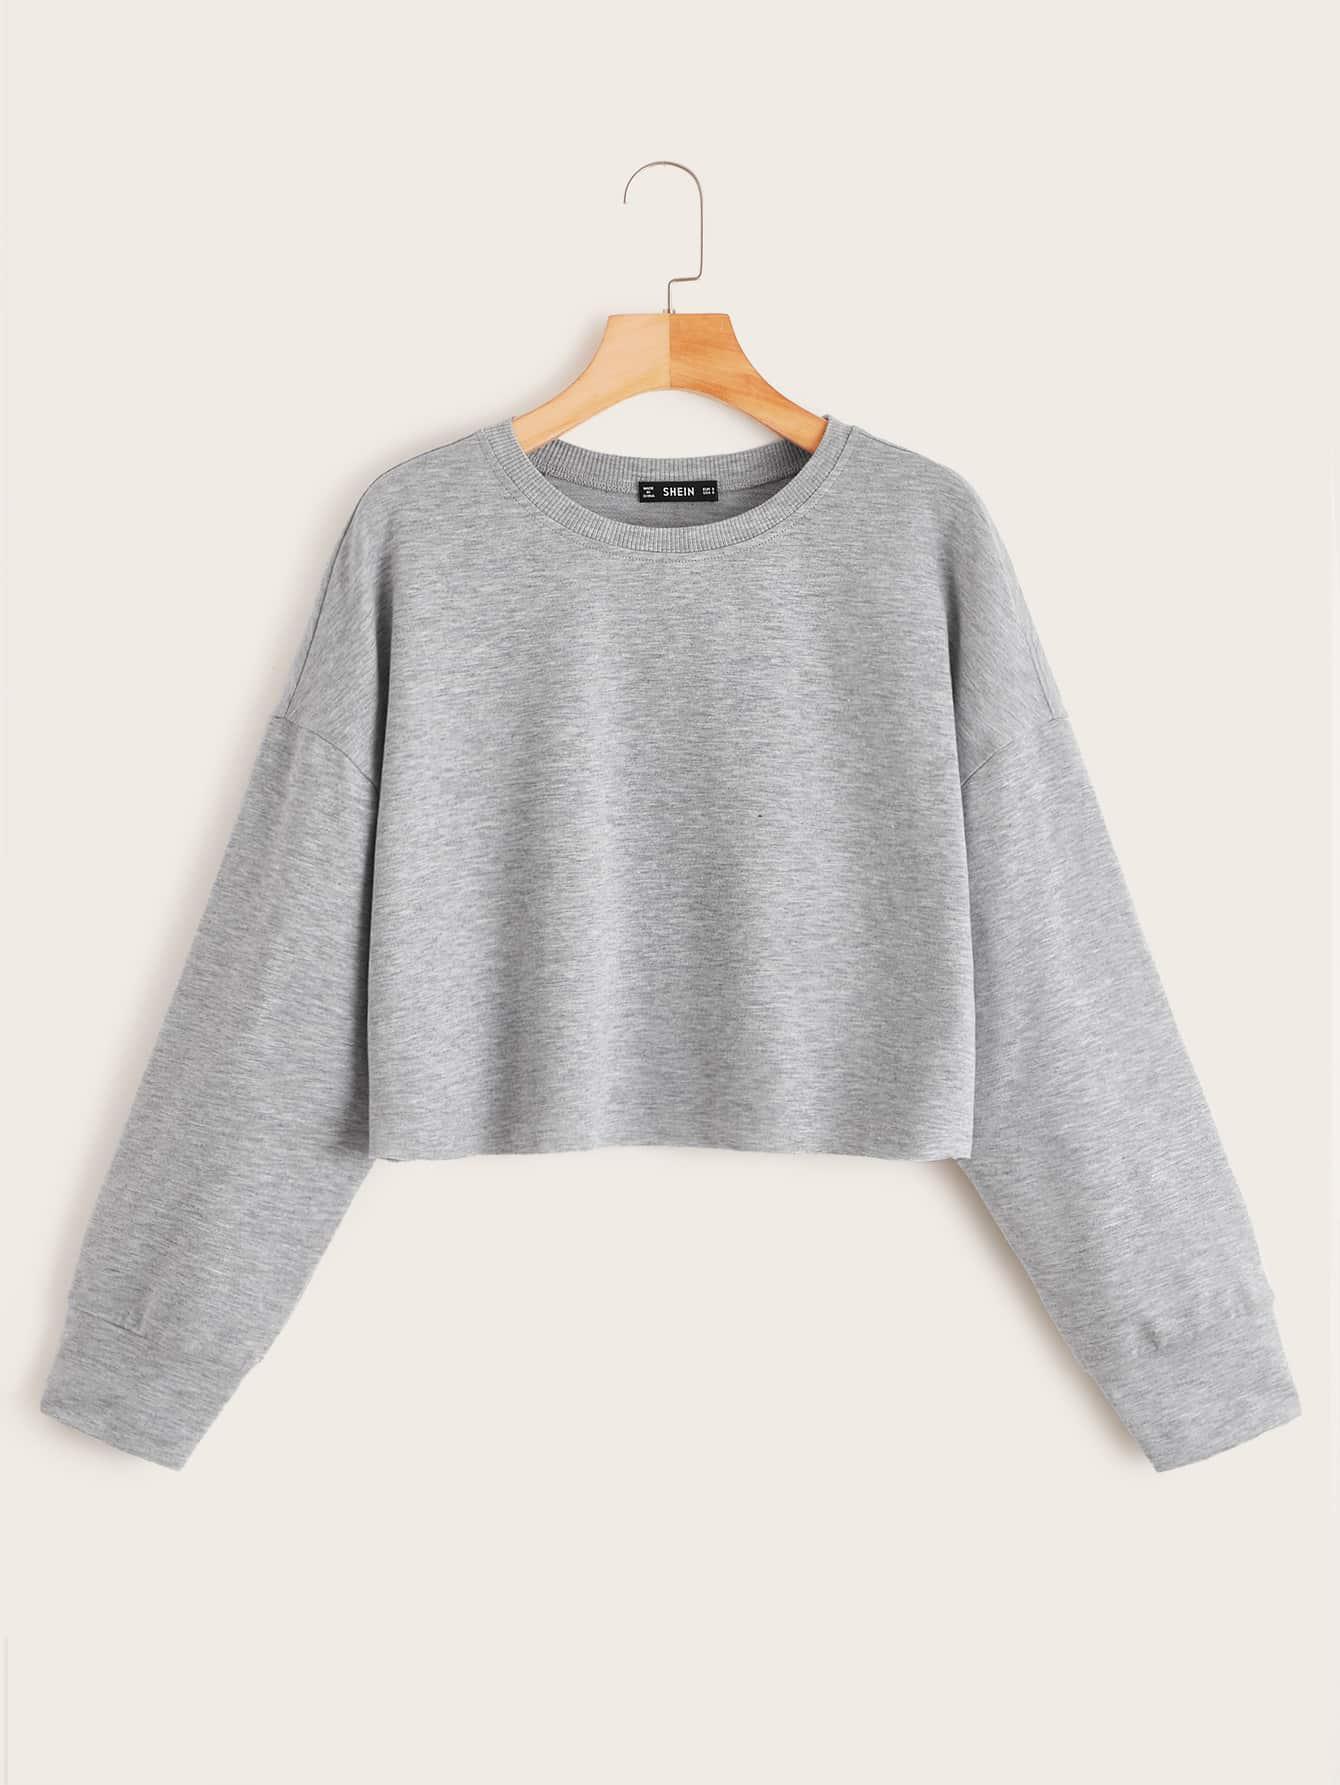 Фото - Кроп пуловер с заниженной линией плеч и необработанным низом от SheIn серого цвета